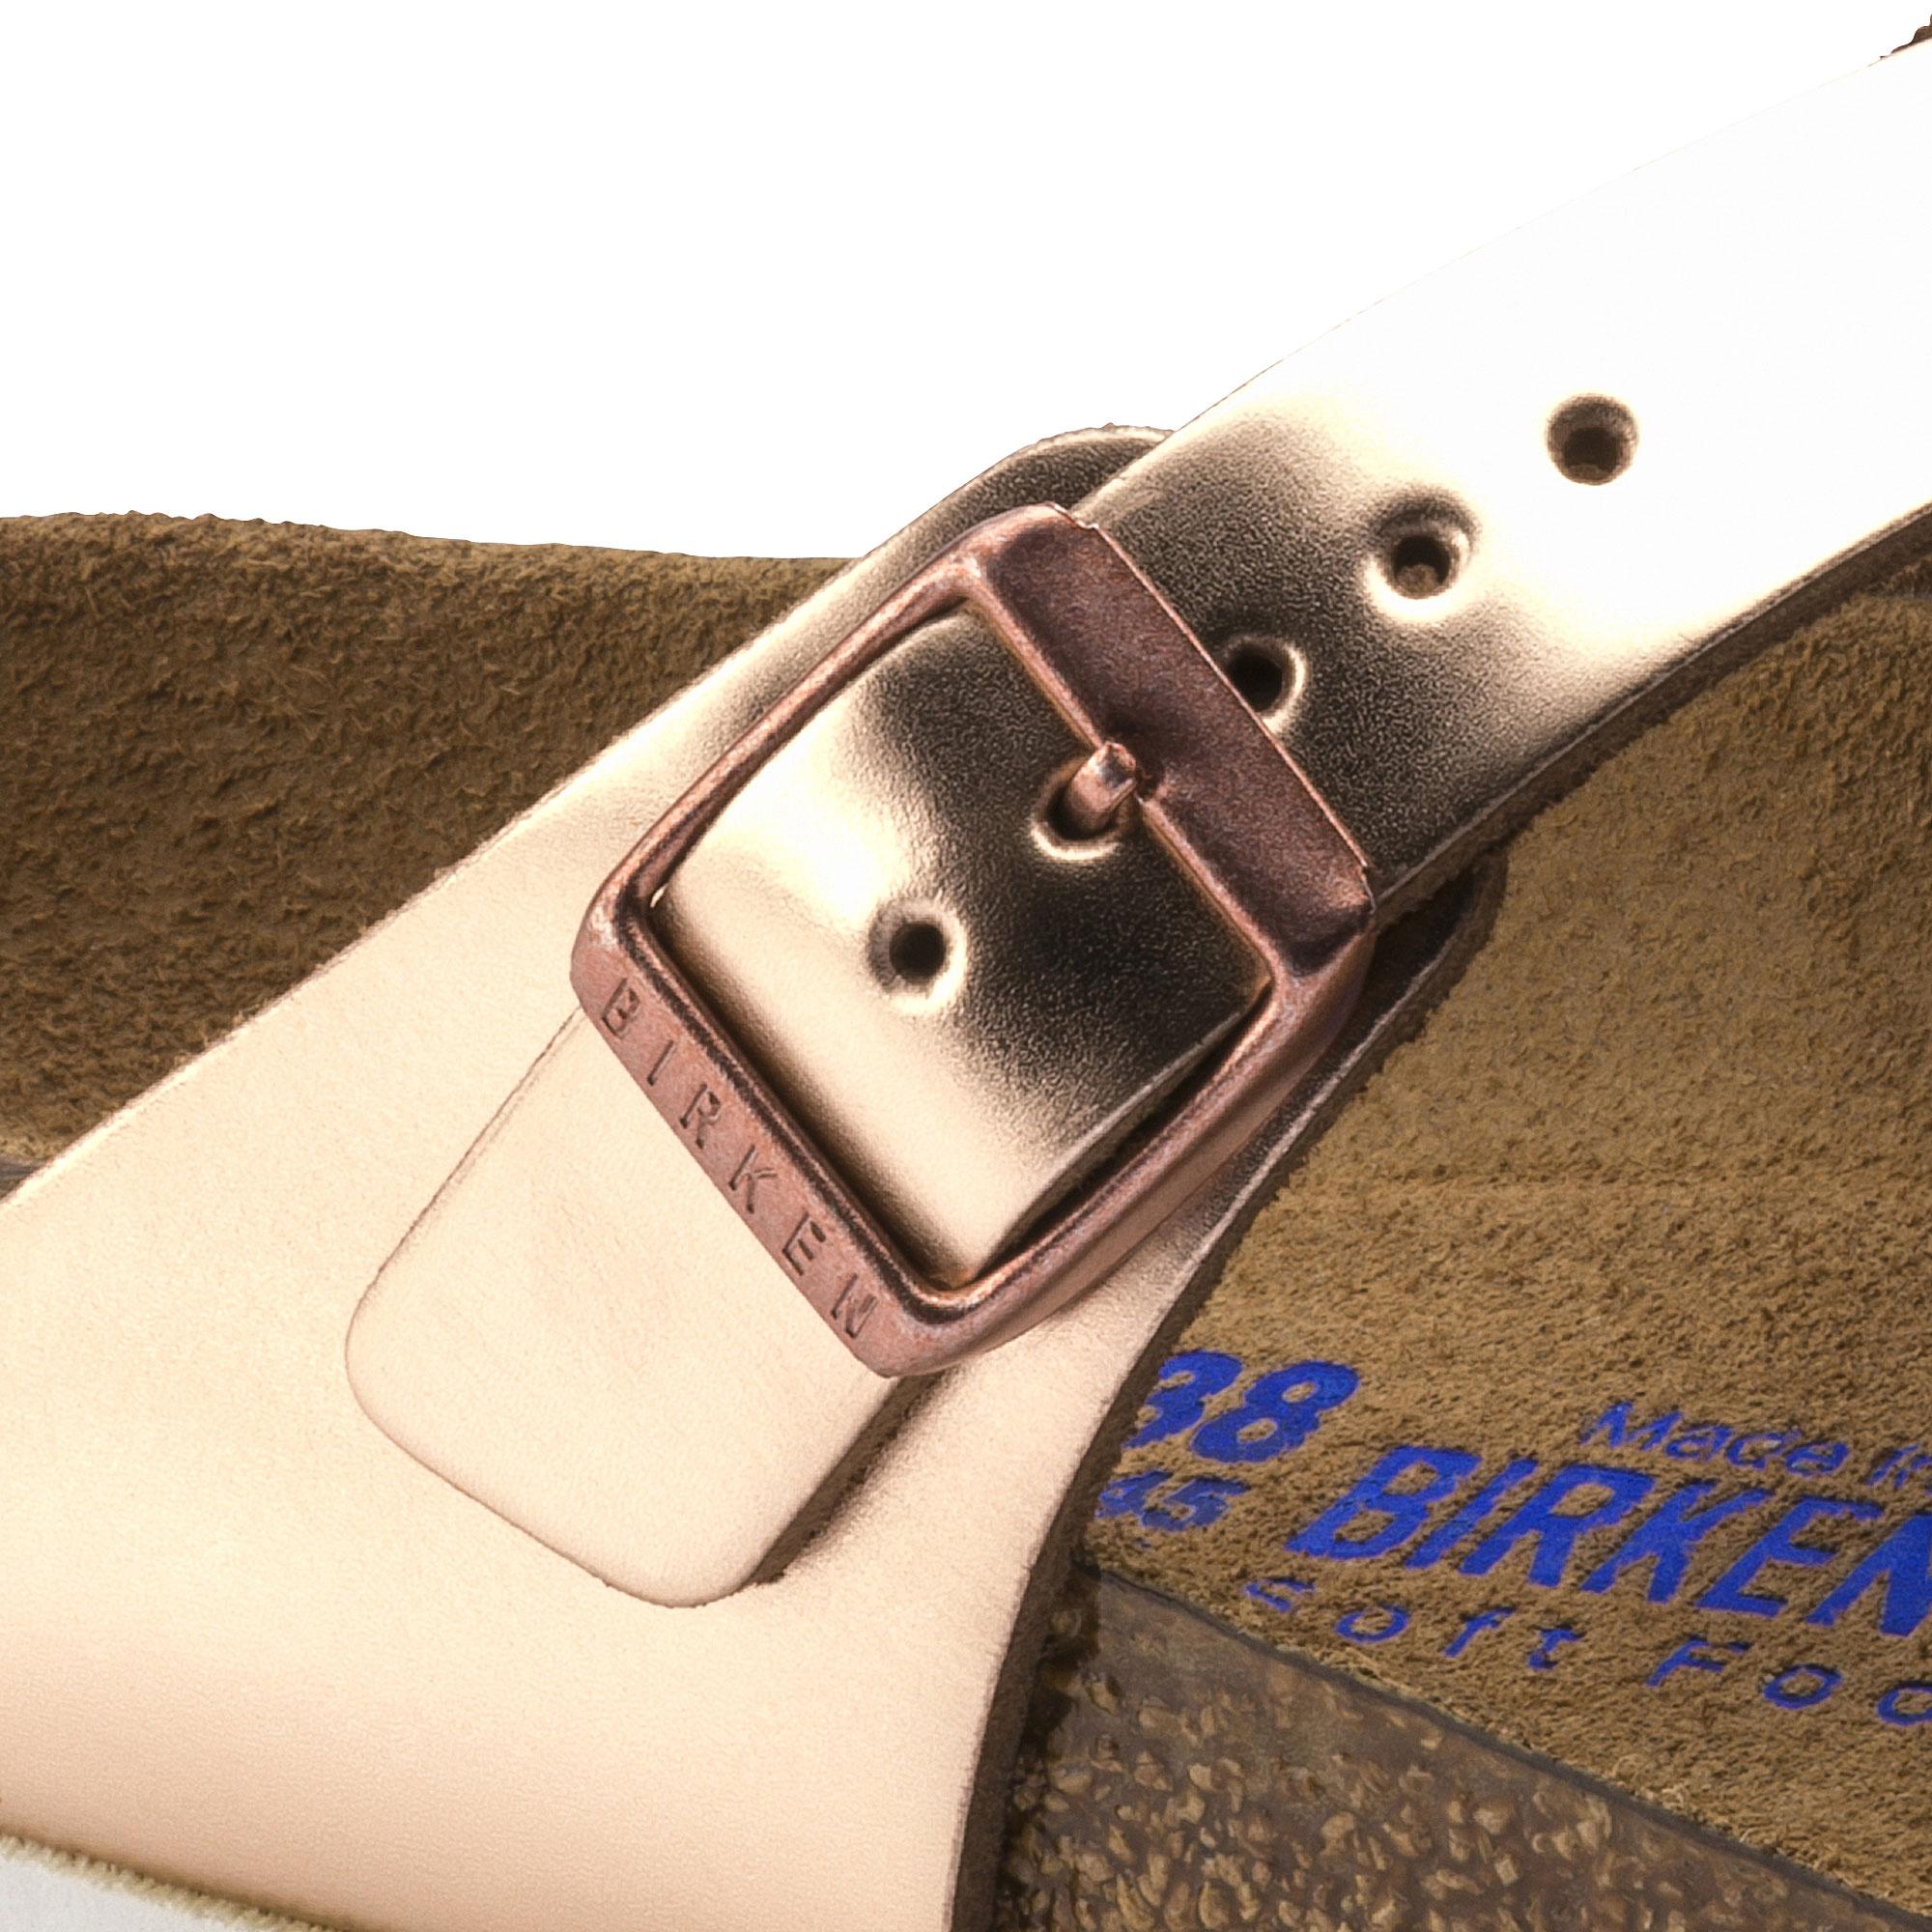 de3c35de4bc ... Gizeh Natural Leather Metallic Copper ...